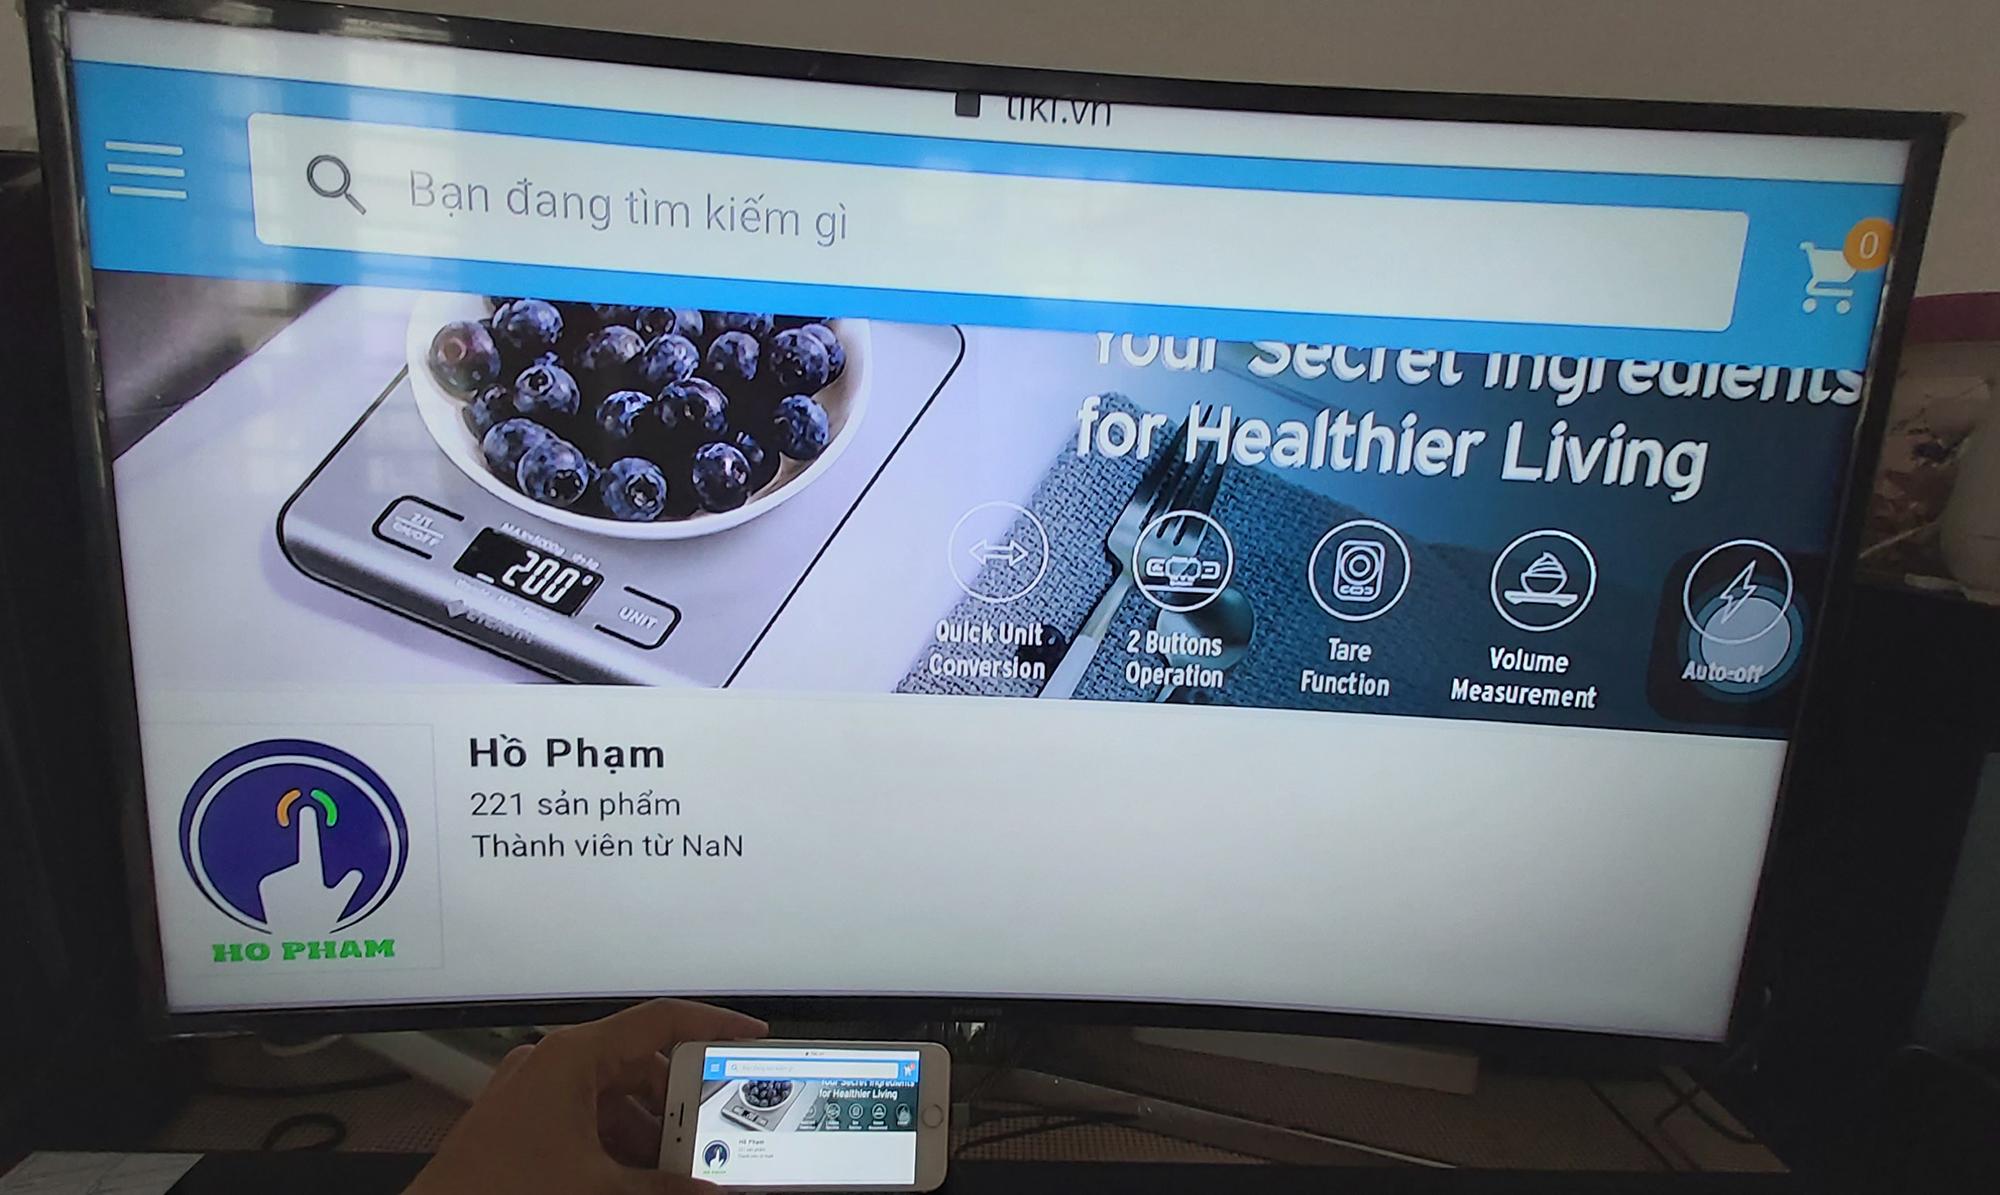 Cáp kết nối ĐT iPhone sang TV - HDMI FullHD dài 2m - Đen